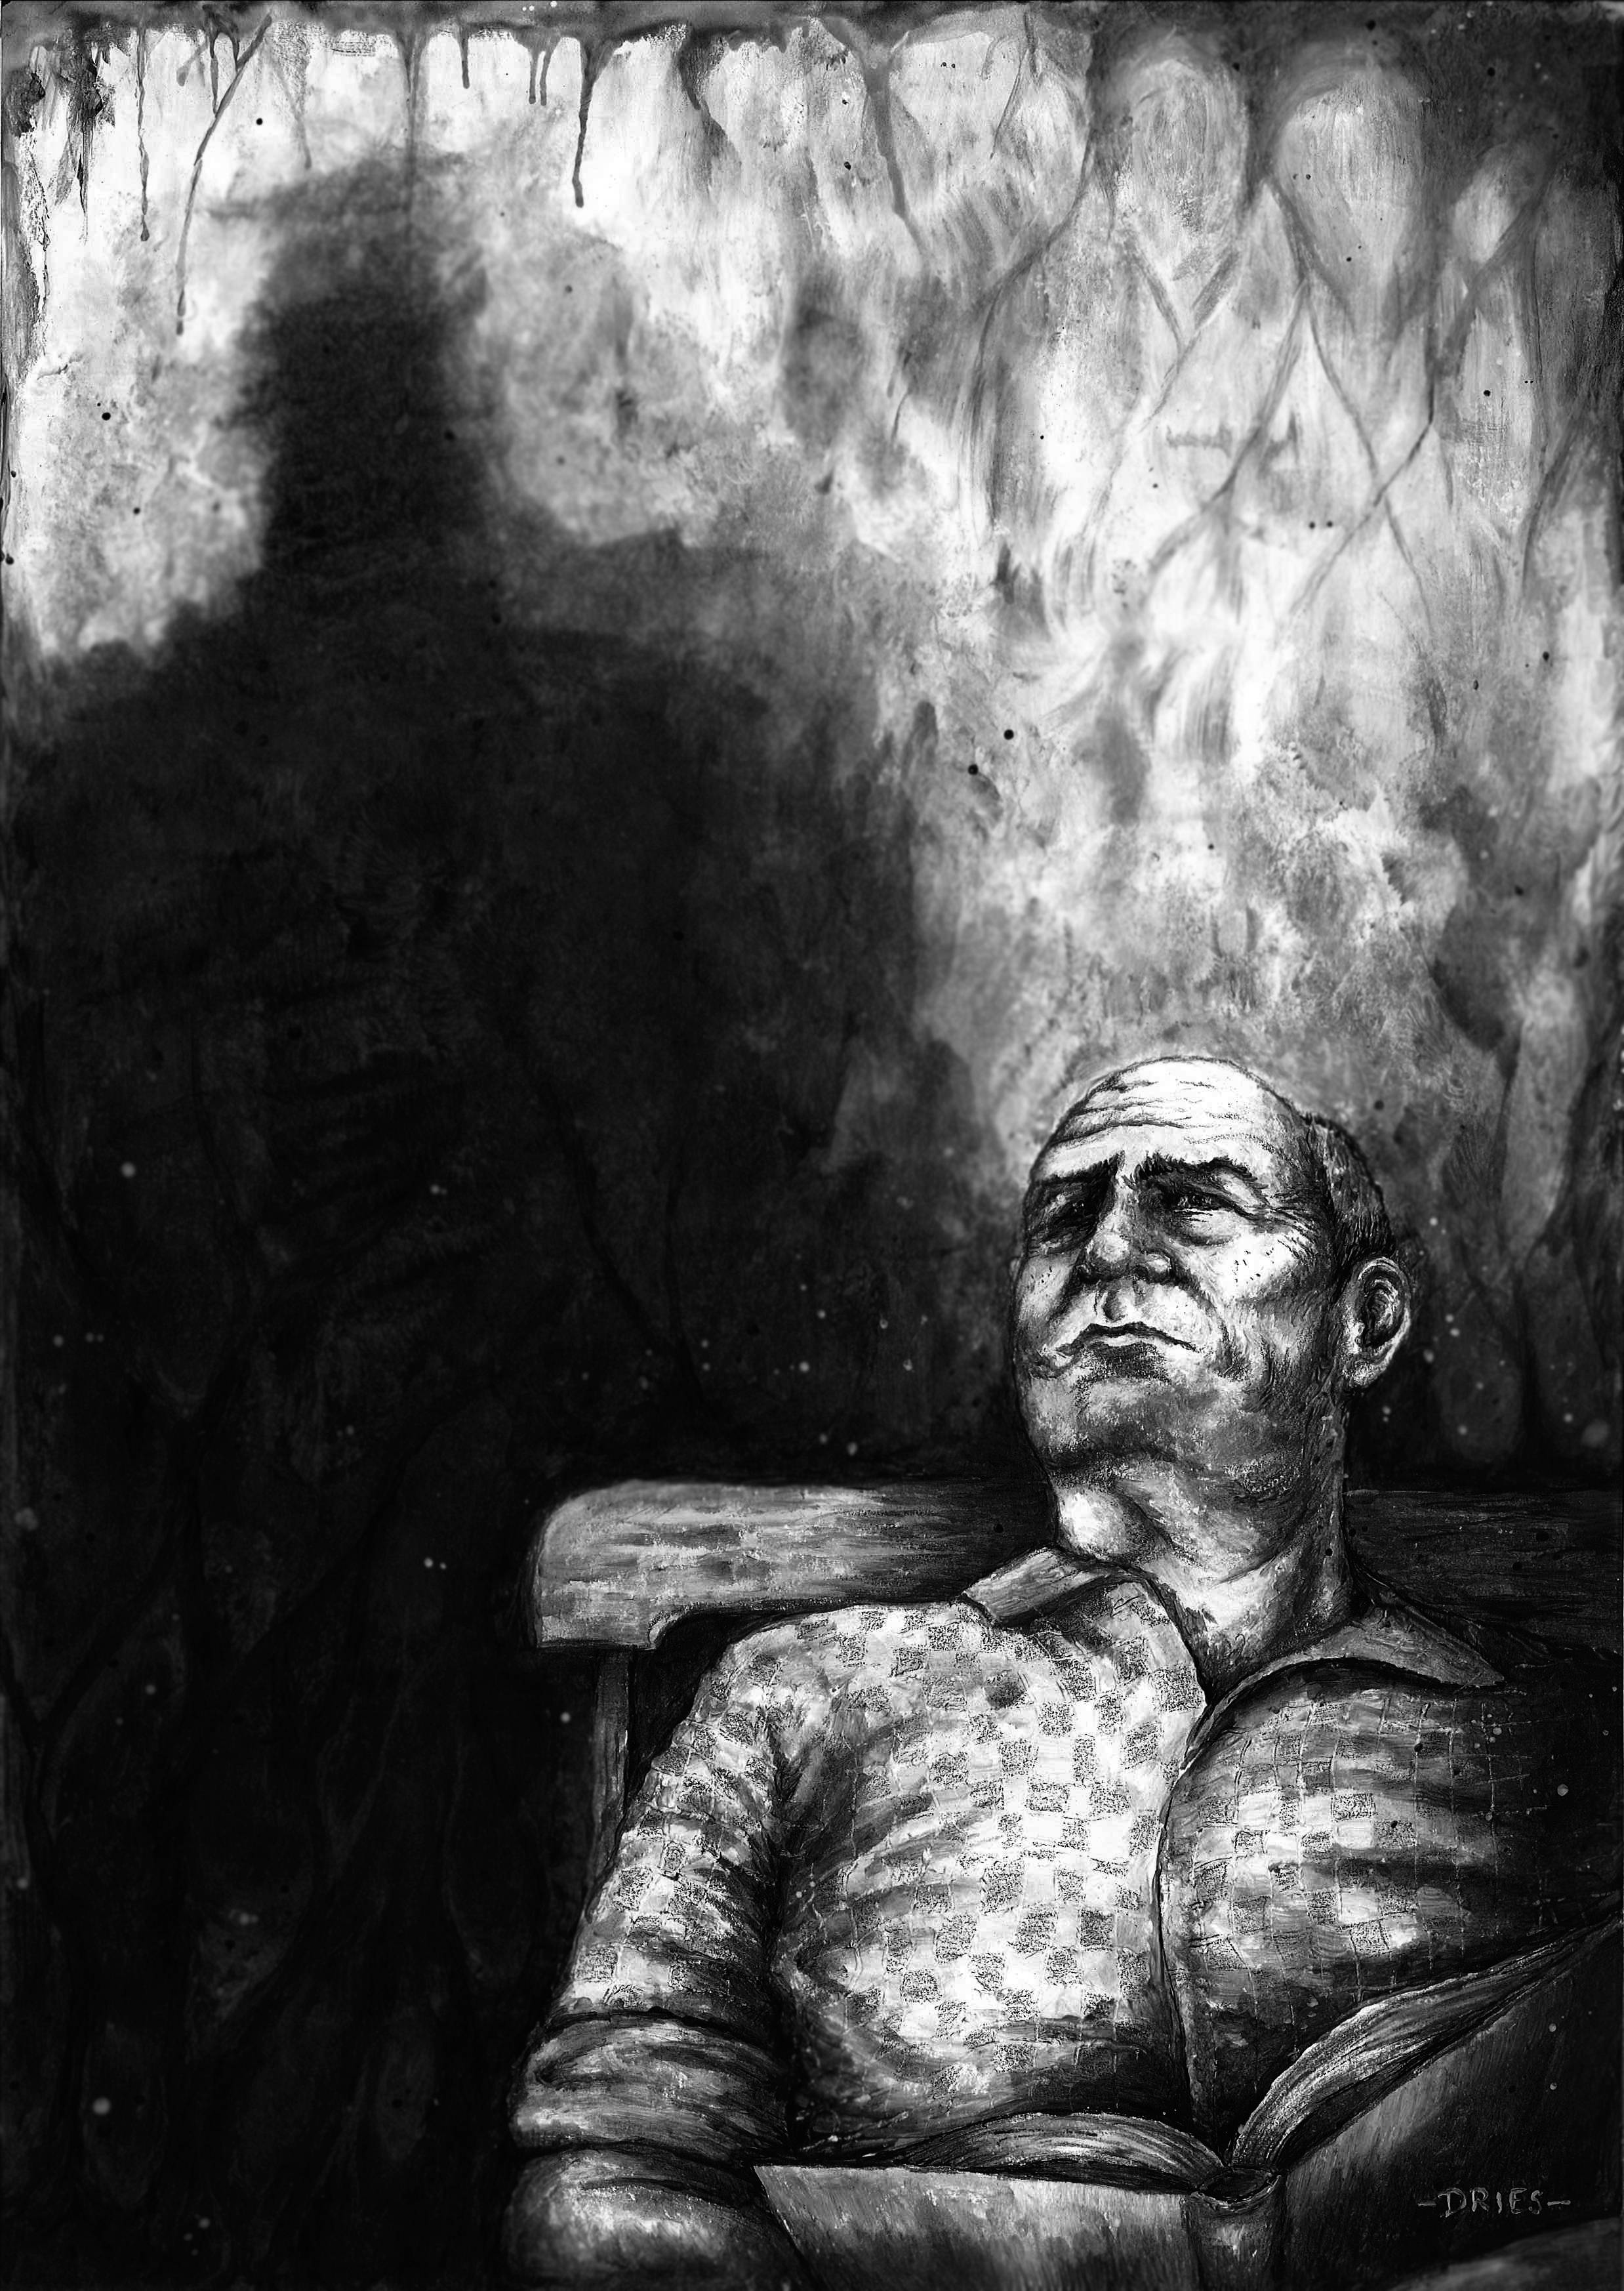 Mister Parker - a story by Richard Chizmar